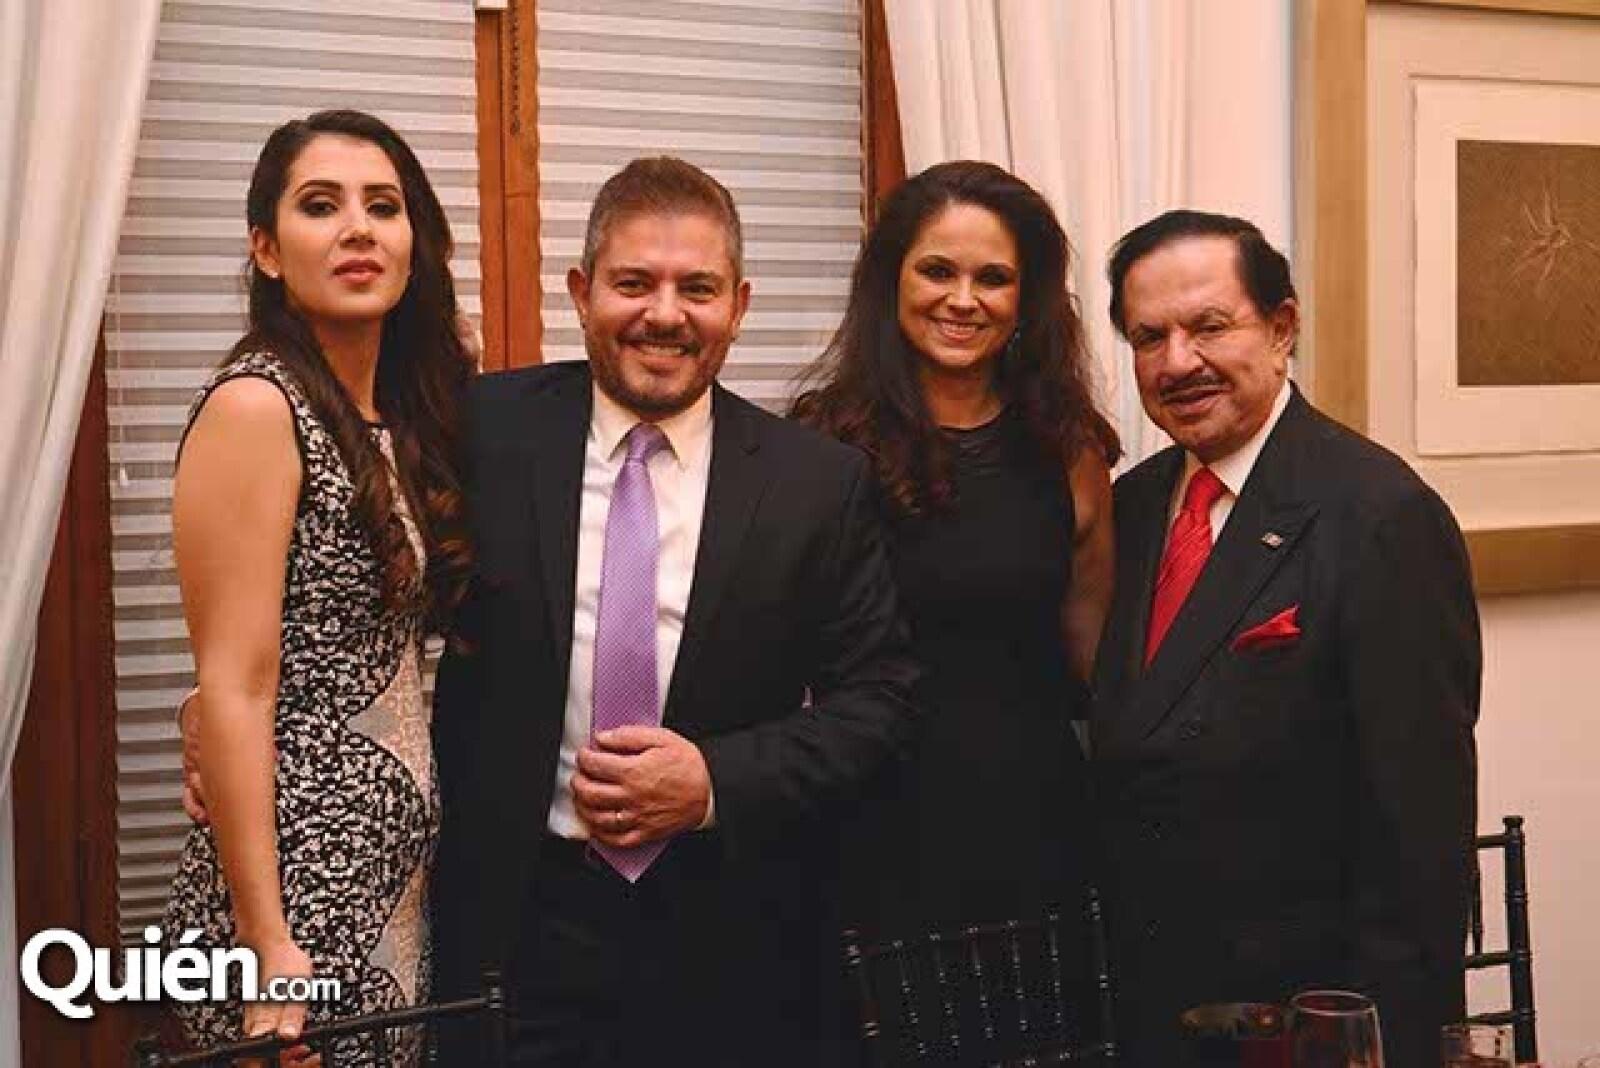 Patricia de Laguardia,Ernesto Laguardia,Perla de Ealy y Juan Francisco Ealy Ortiz.